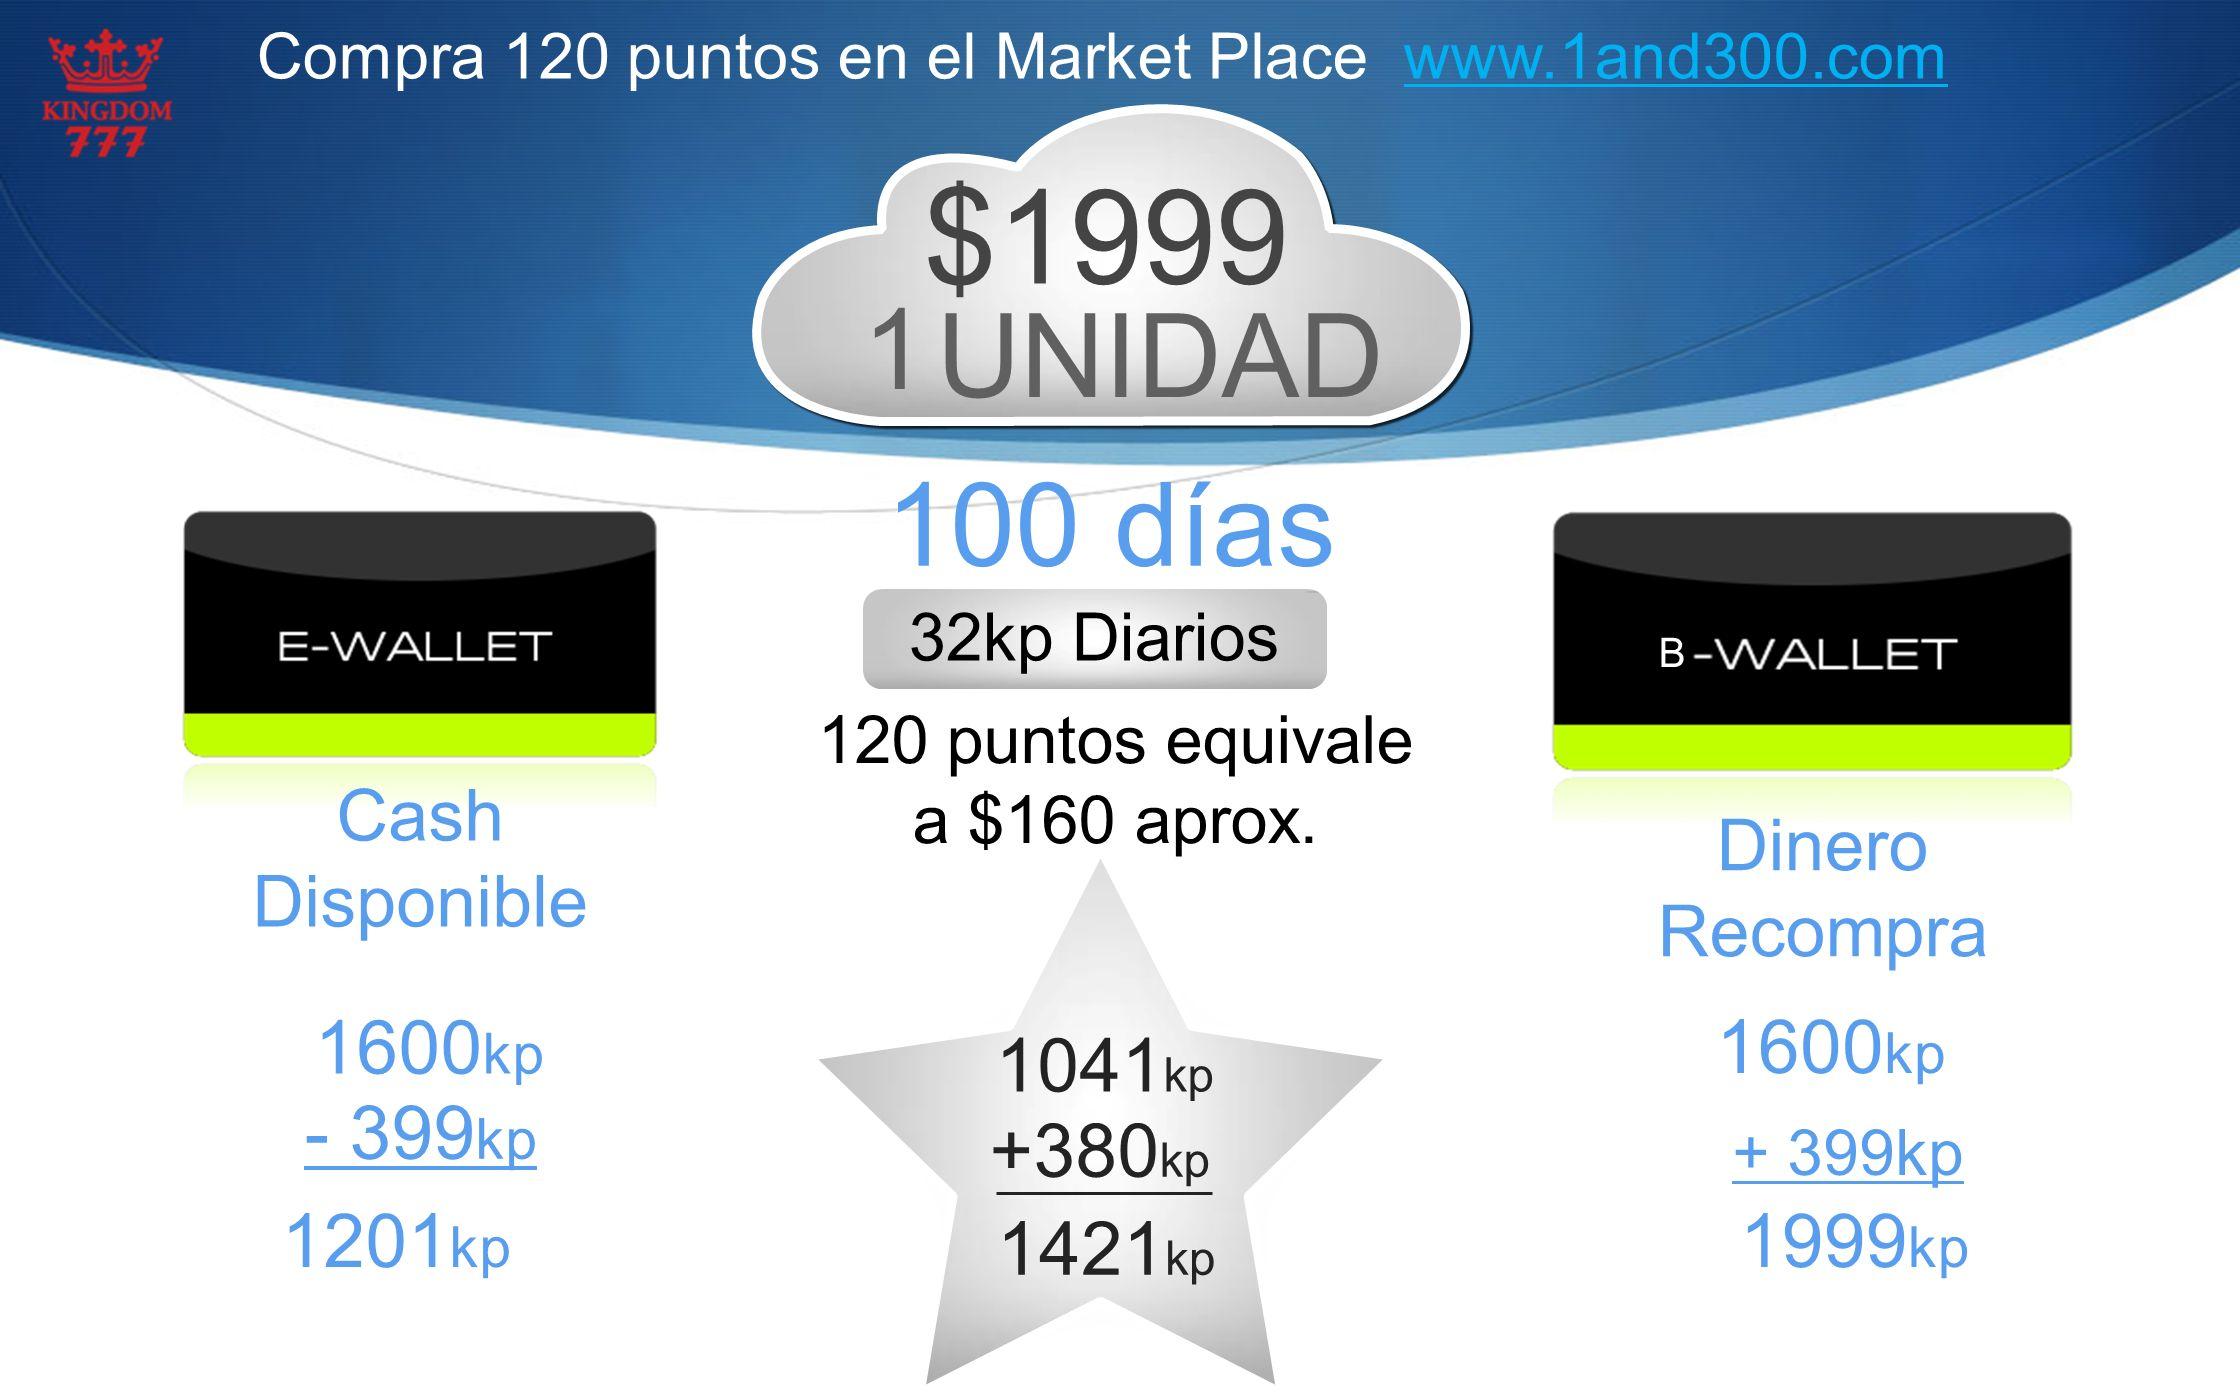 $1999 UNIDAD 100 días 1 Cash Disponible B Dinero Recompra 16 k p 32kp Diarios 1600 kp - 400 kp 1999 kp 1201 kp - 399 kp +380 kp 1041 kp 1421 kp Compra